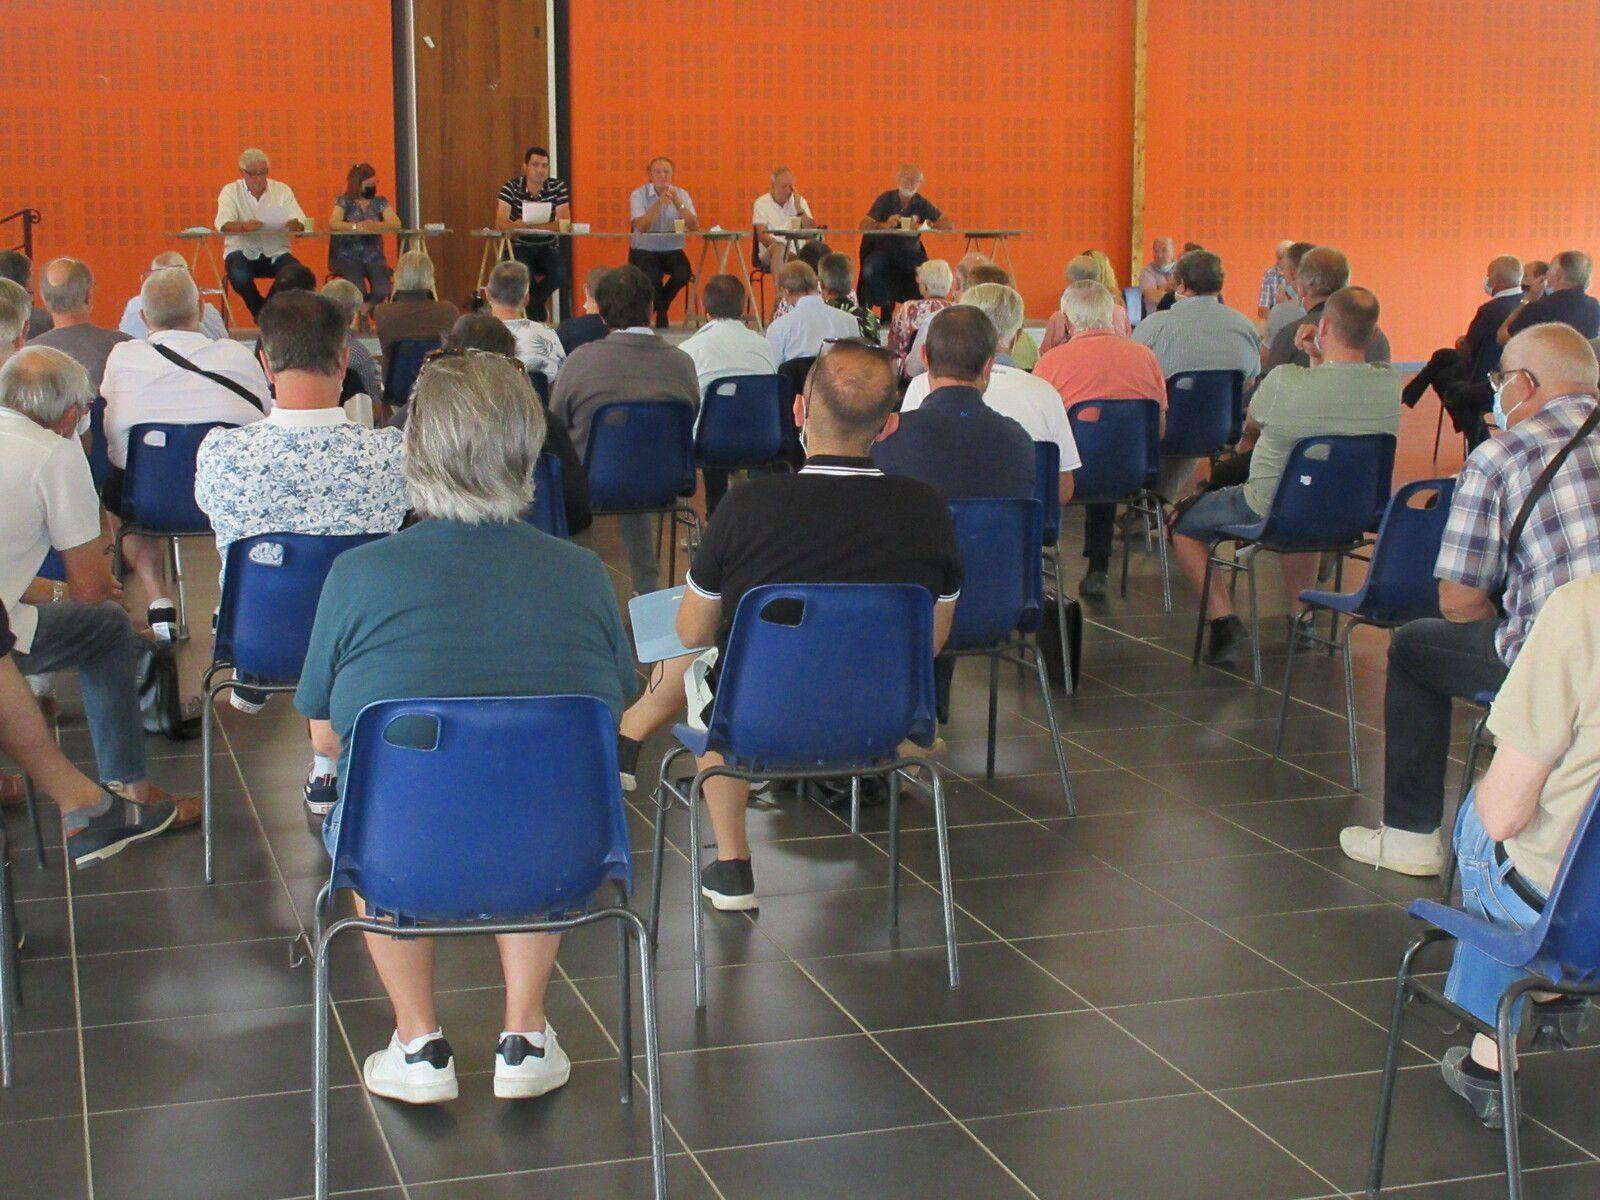 Samedi 26 JUIN 2021 - AVIGNON TOURISME et l'ACAV, informent les Clubs et Associations au sujet du Salon MOTOR PASSION